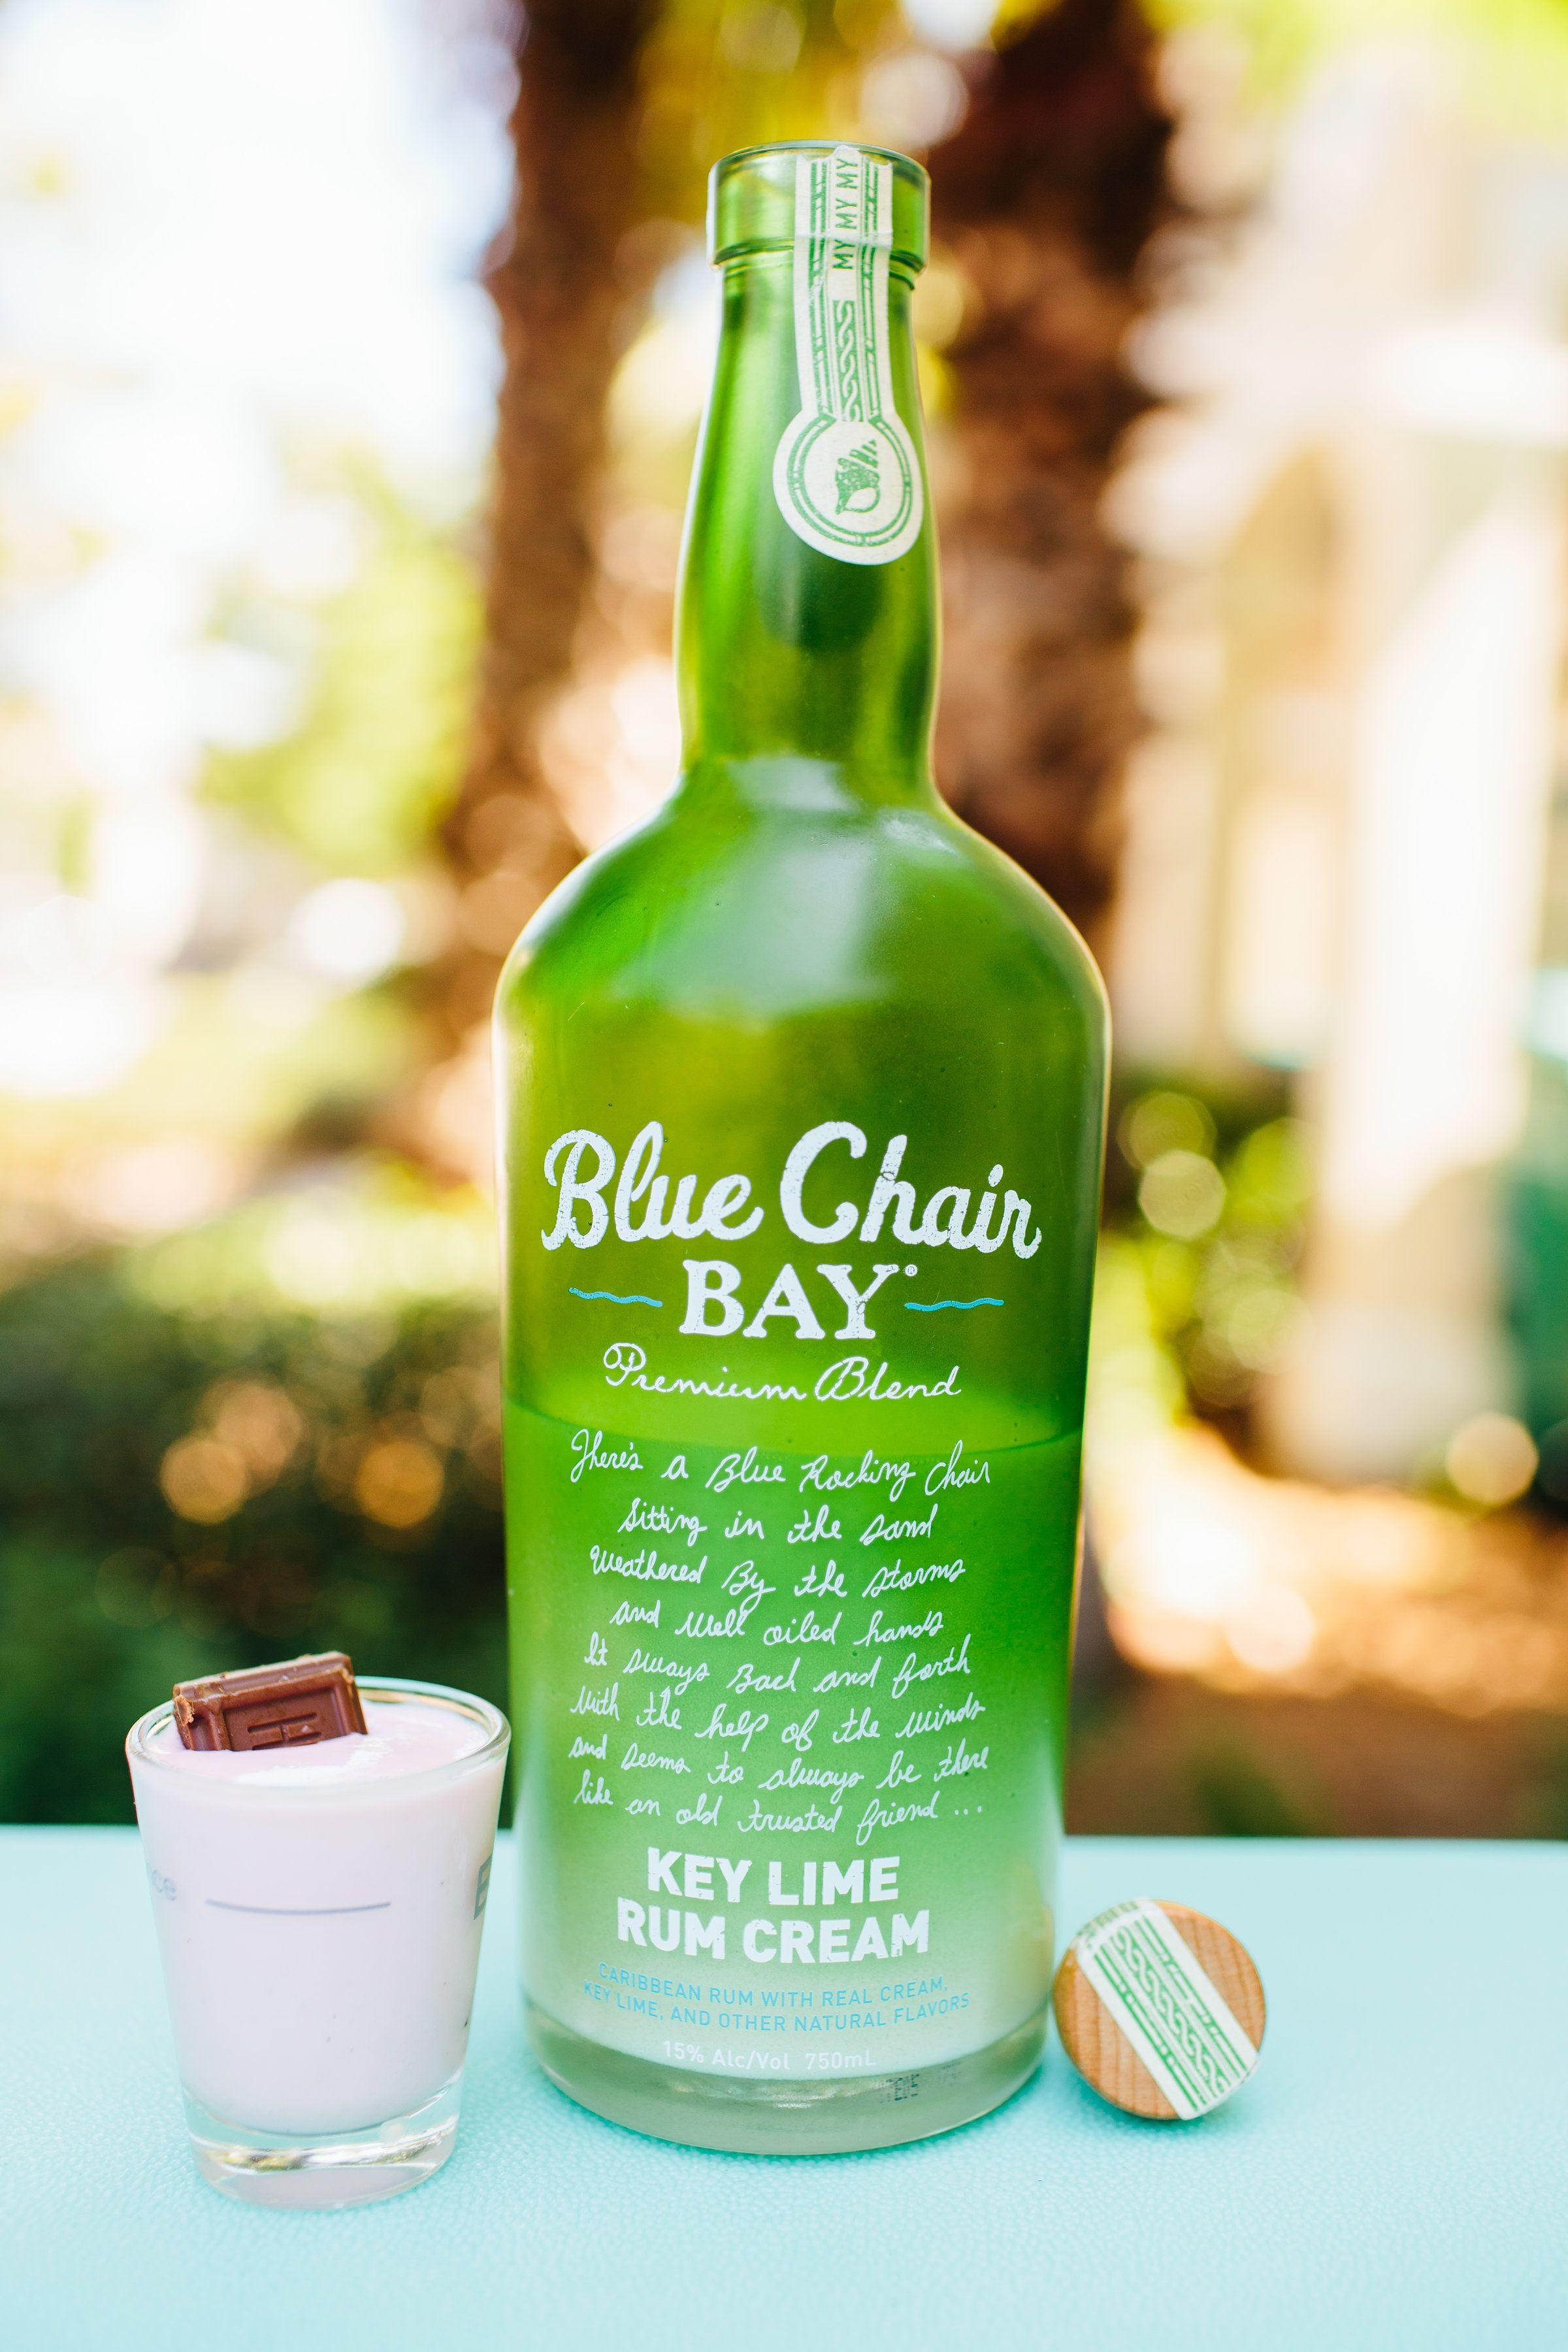 RED VELVET SHOOTER 75 oz Blue Chair Bay Key Lime Rum Cream